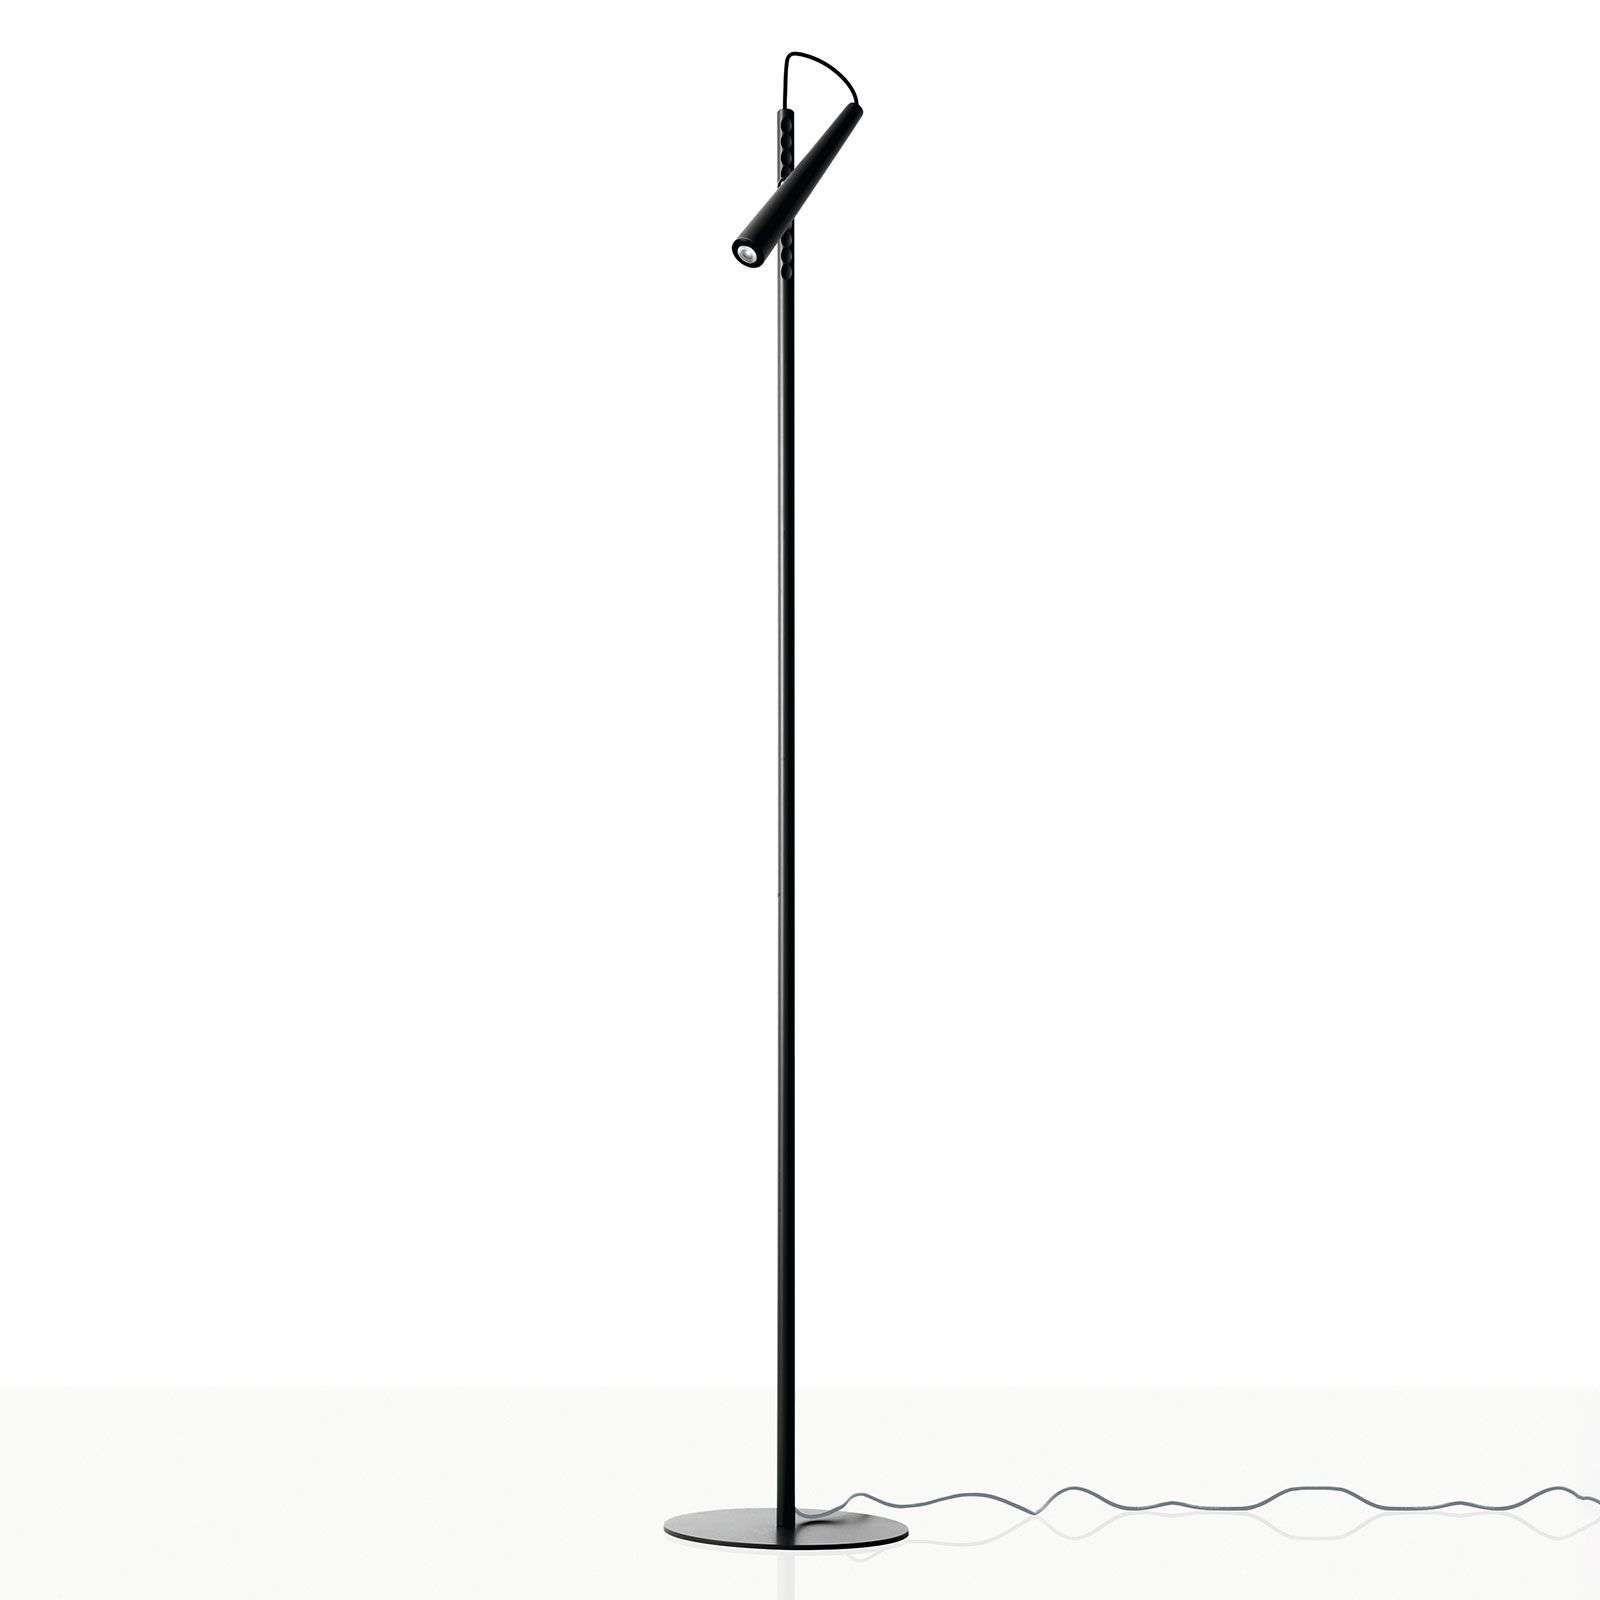 Stehlampe Retro Holz Artemide Stehleuchten Led Stehlampe 5 Flammig Stehlampe Schwarz Kupfer Stehleuch Led Stehleuchte Stehlampe Schwarz Stehlampe Retro